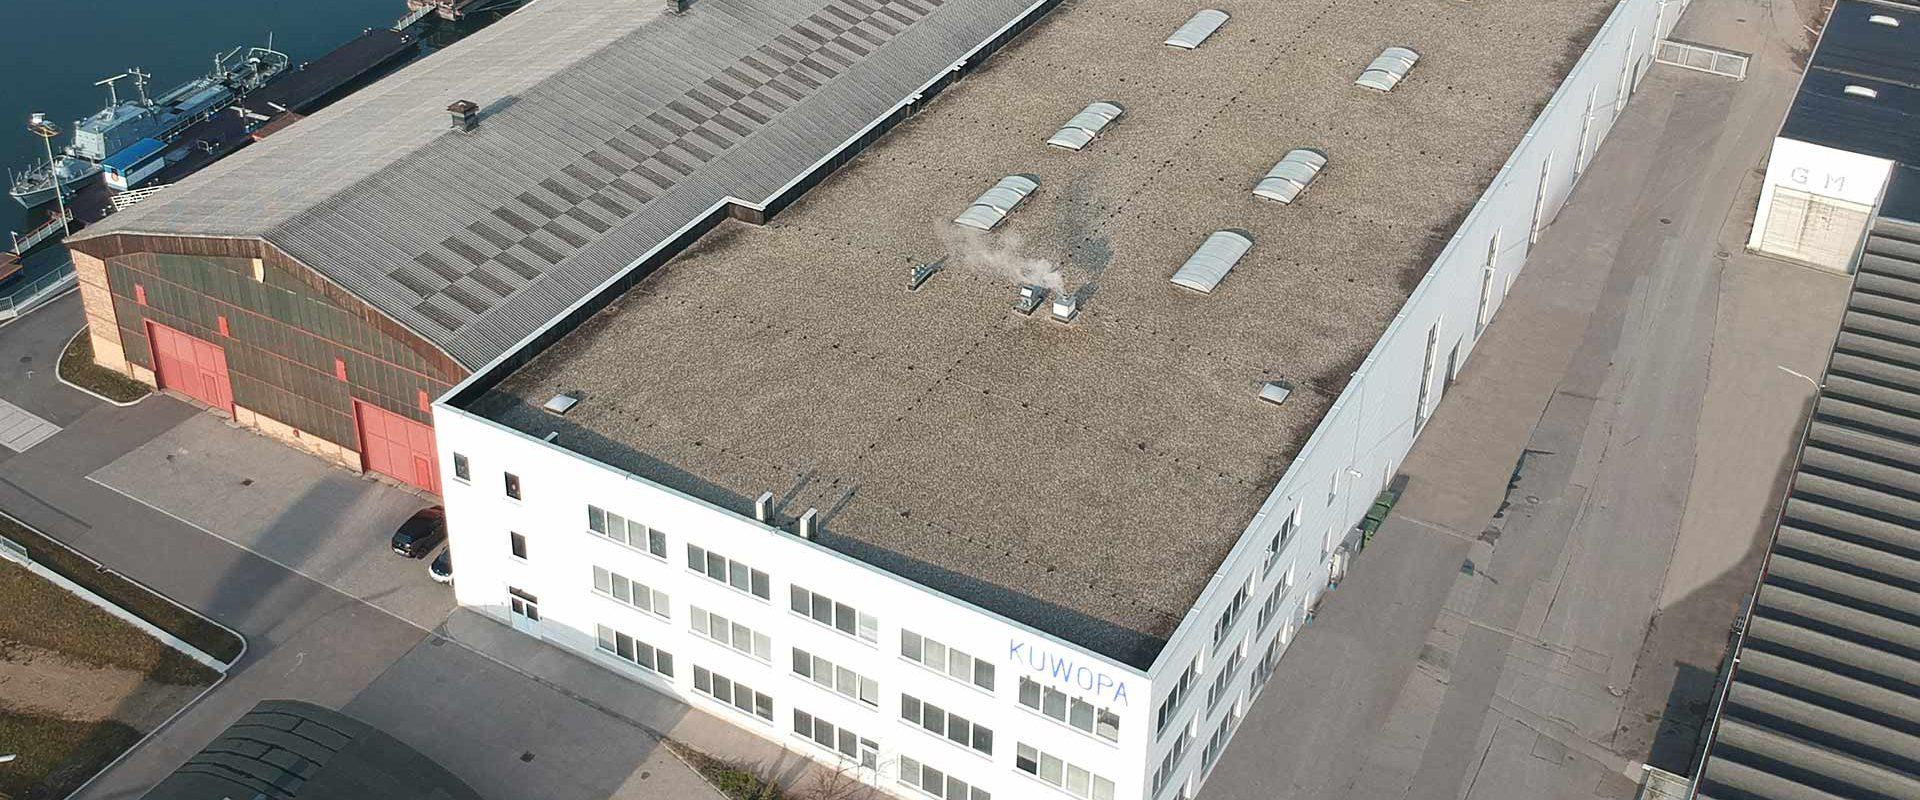 Firmengebäude_hp